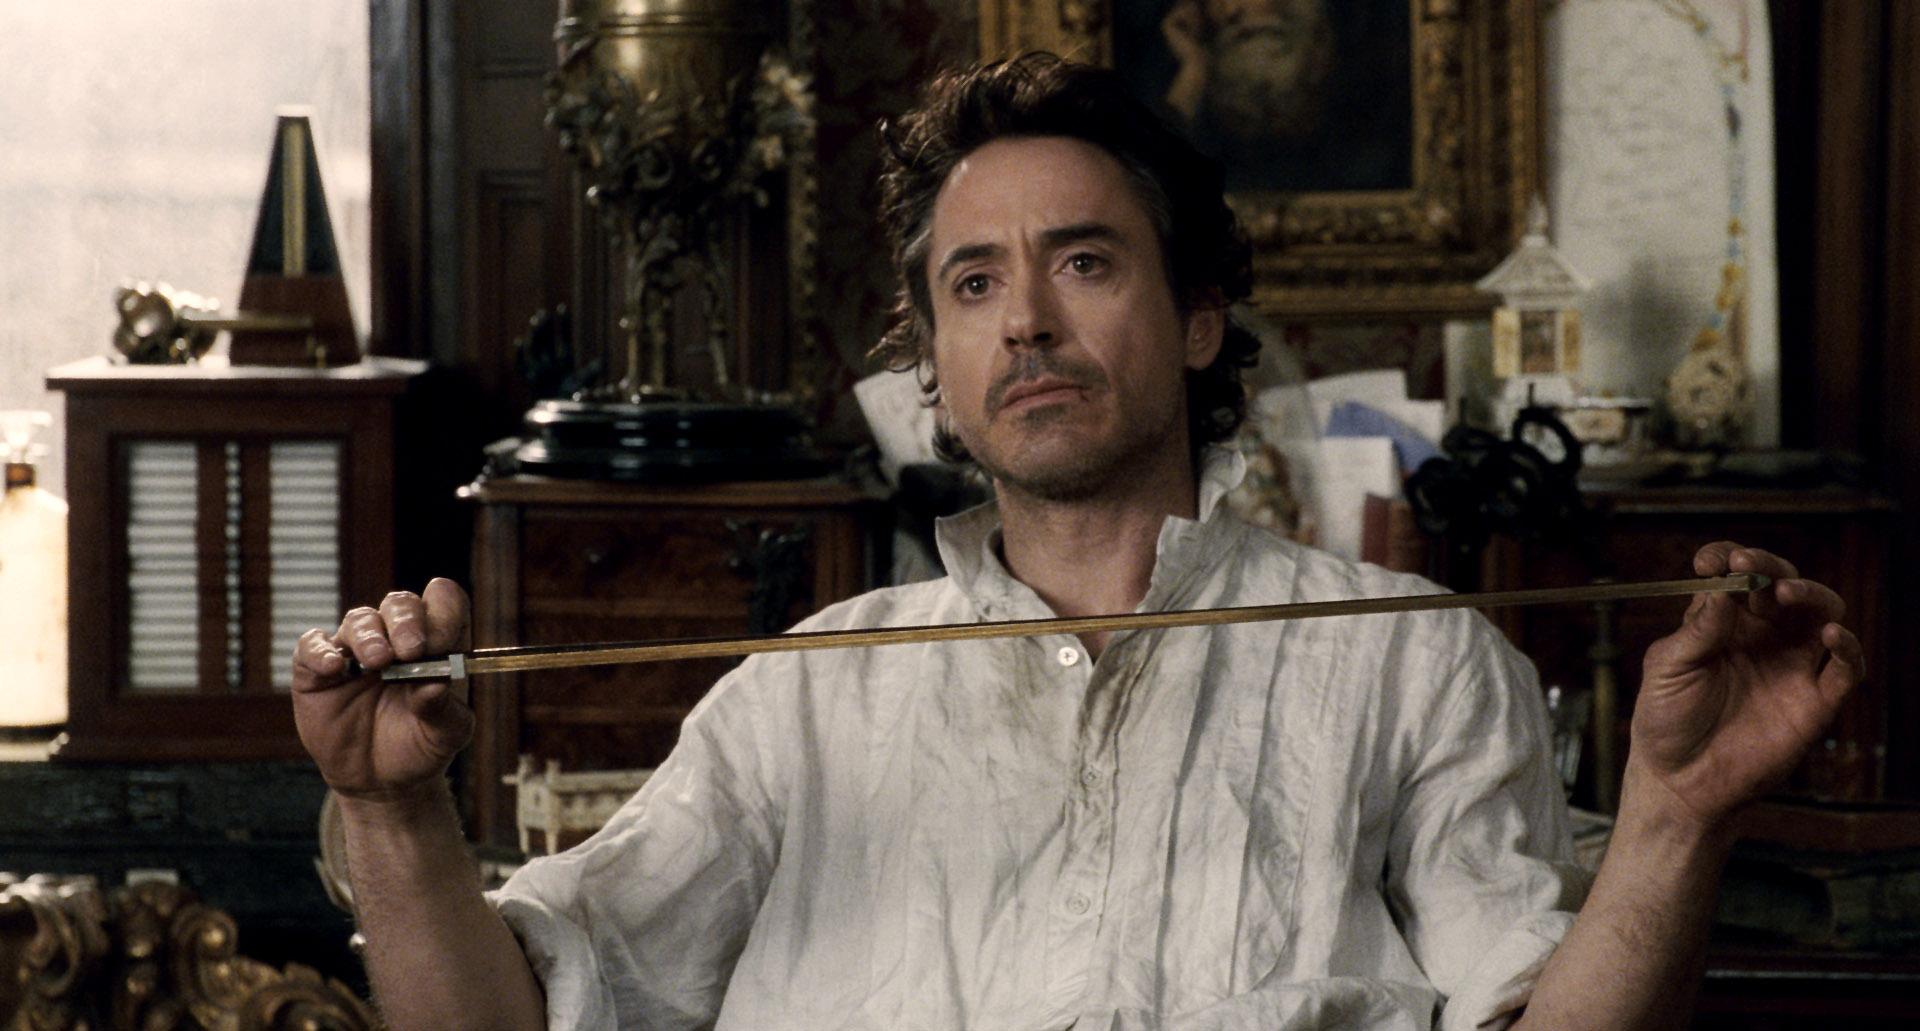 Robert Downey Jr. in Sherlock Holmes (2009)